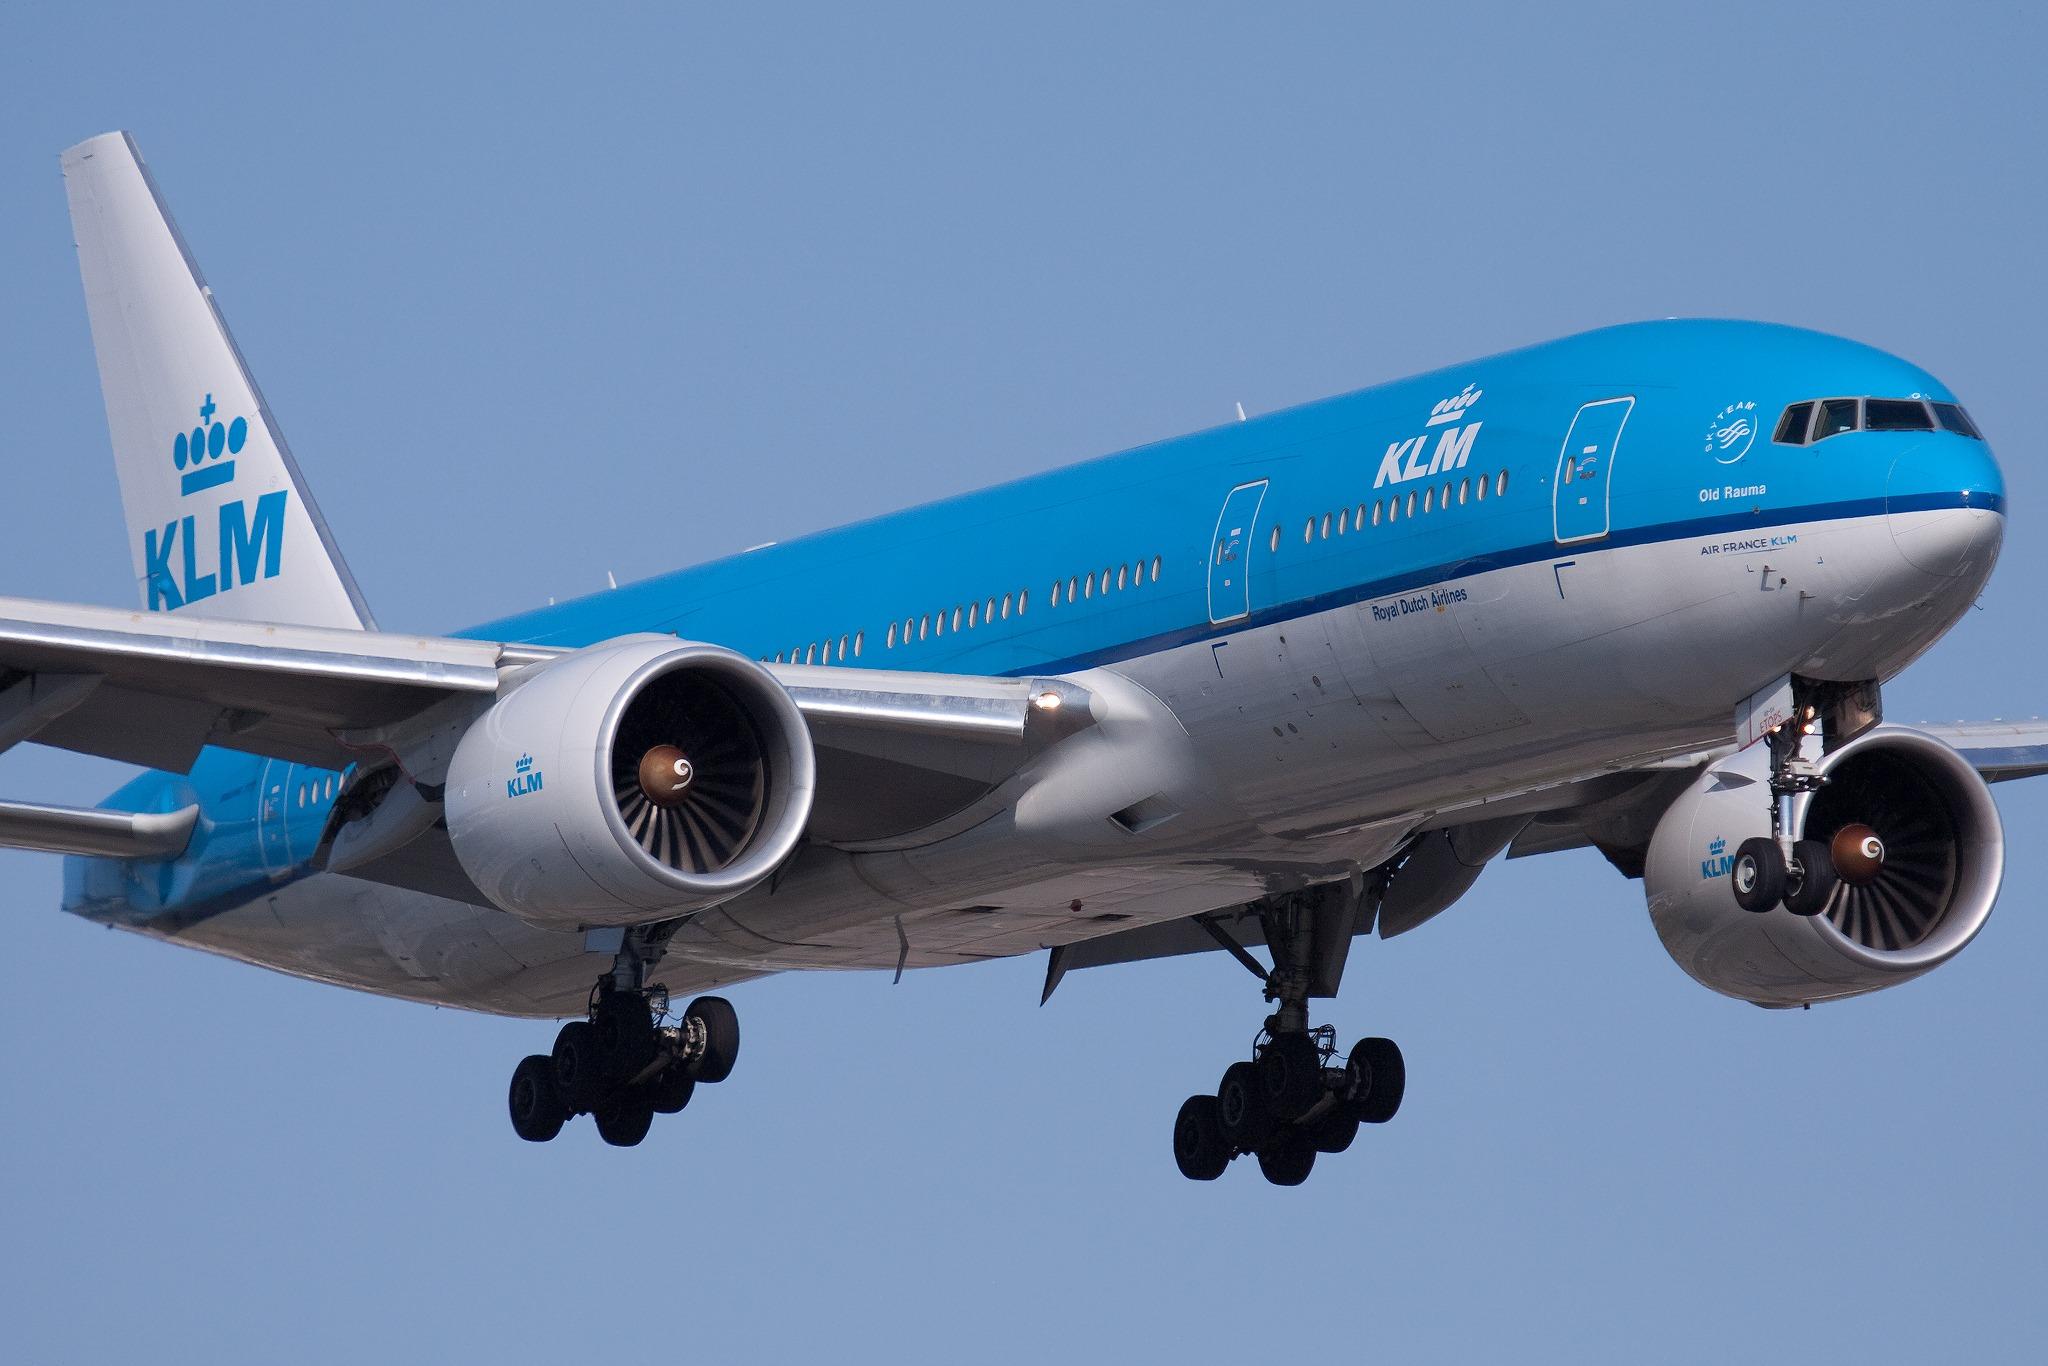 Tânărul nu va mai putea zbura timp de cinci ani cu compania KLM (Wikimedia Commons)